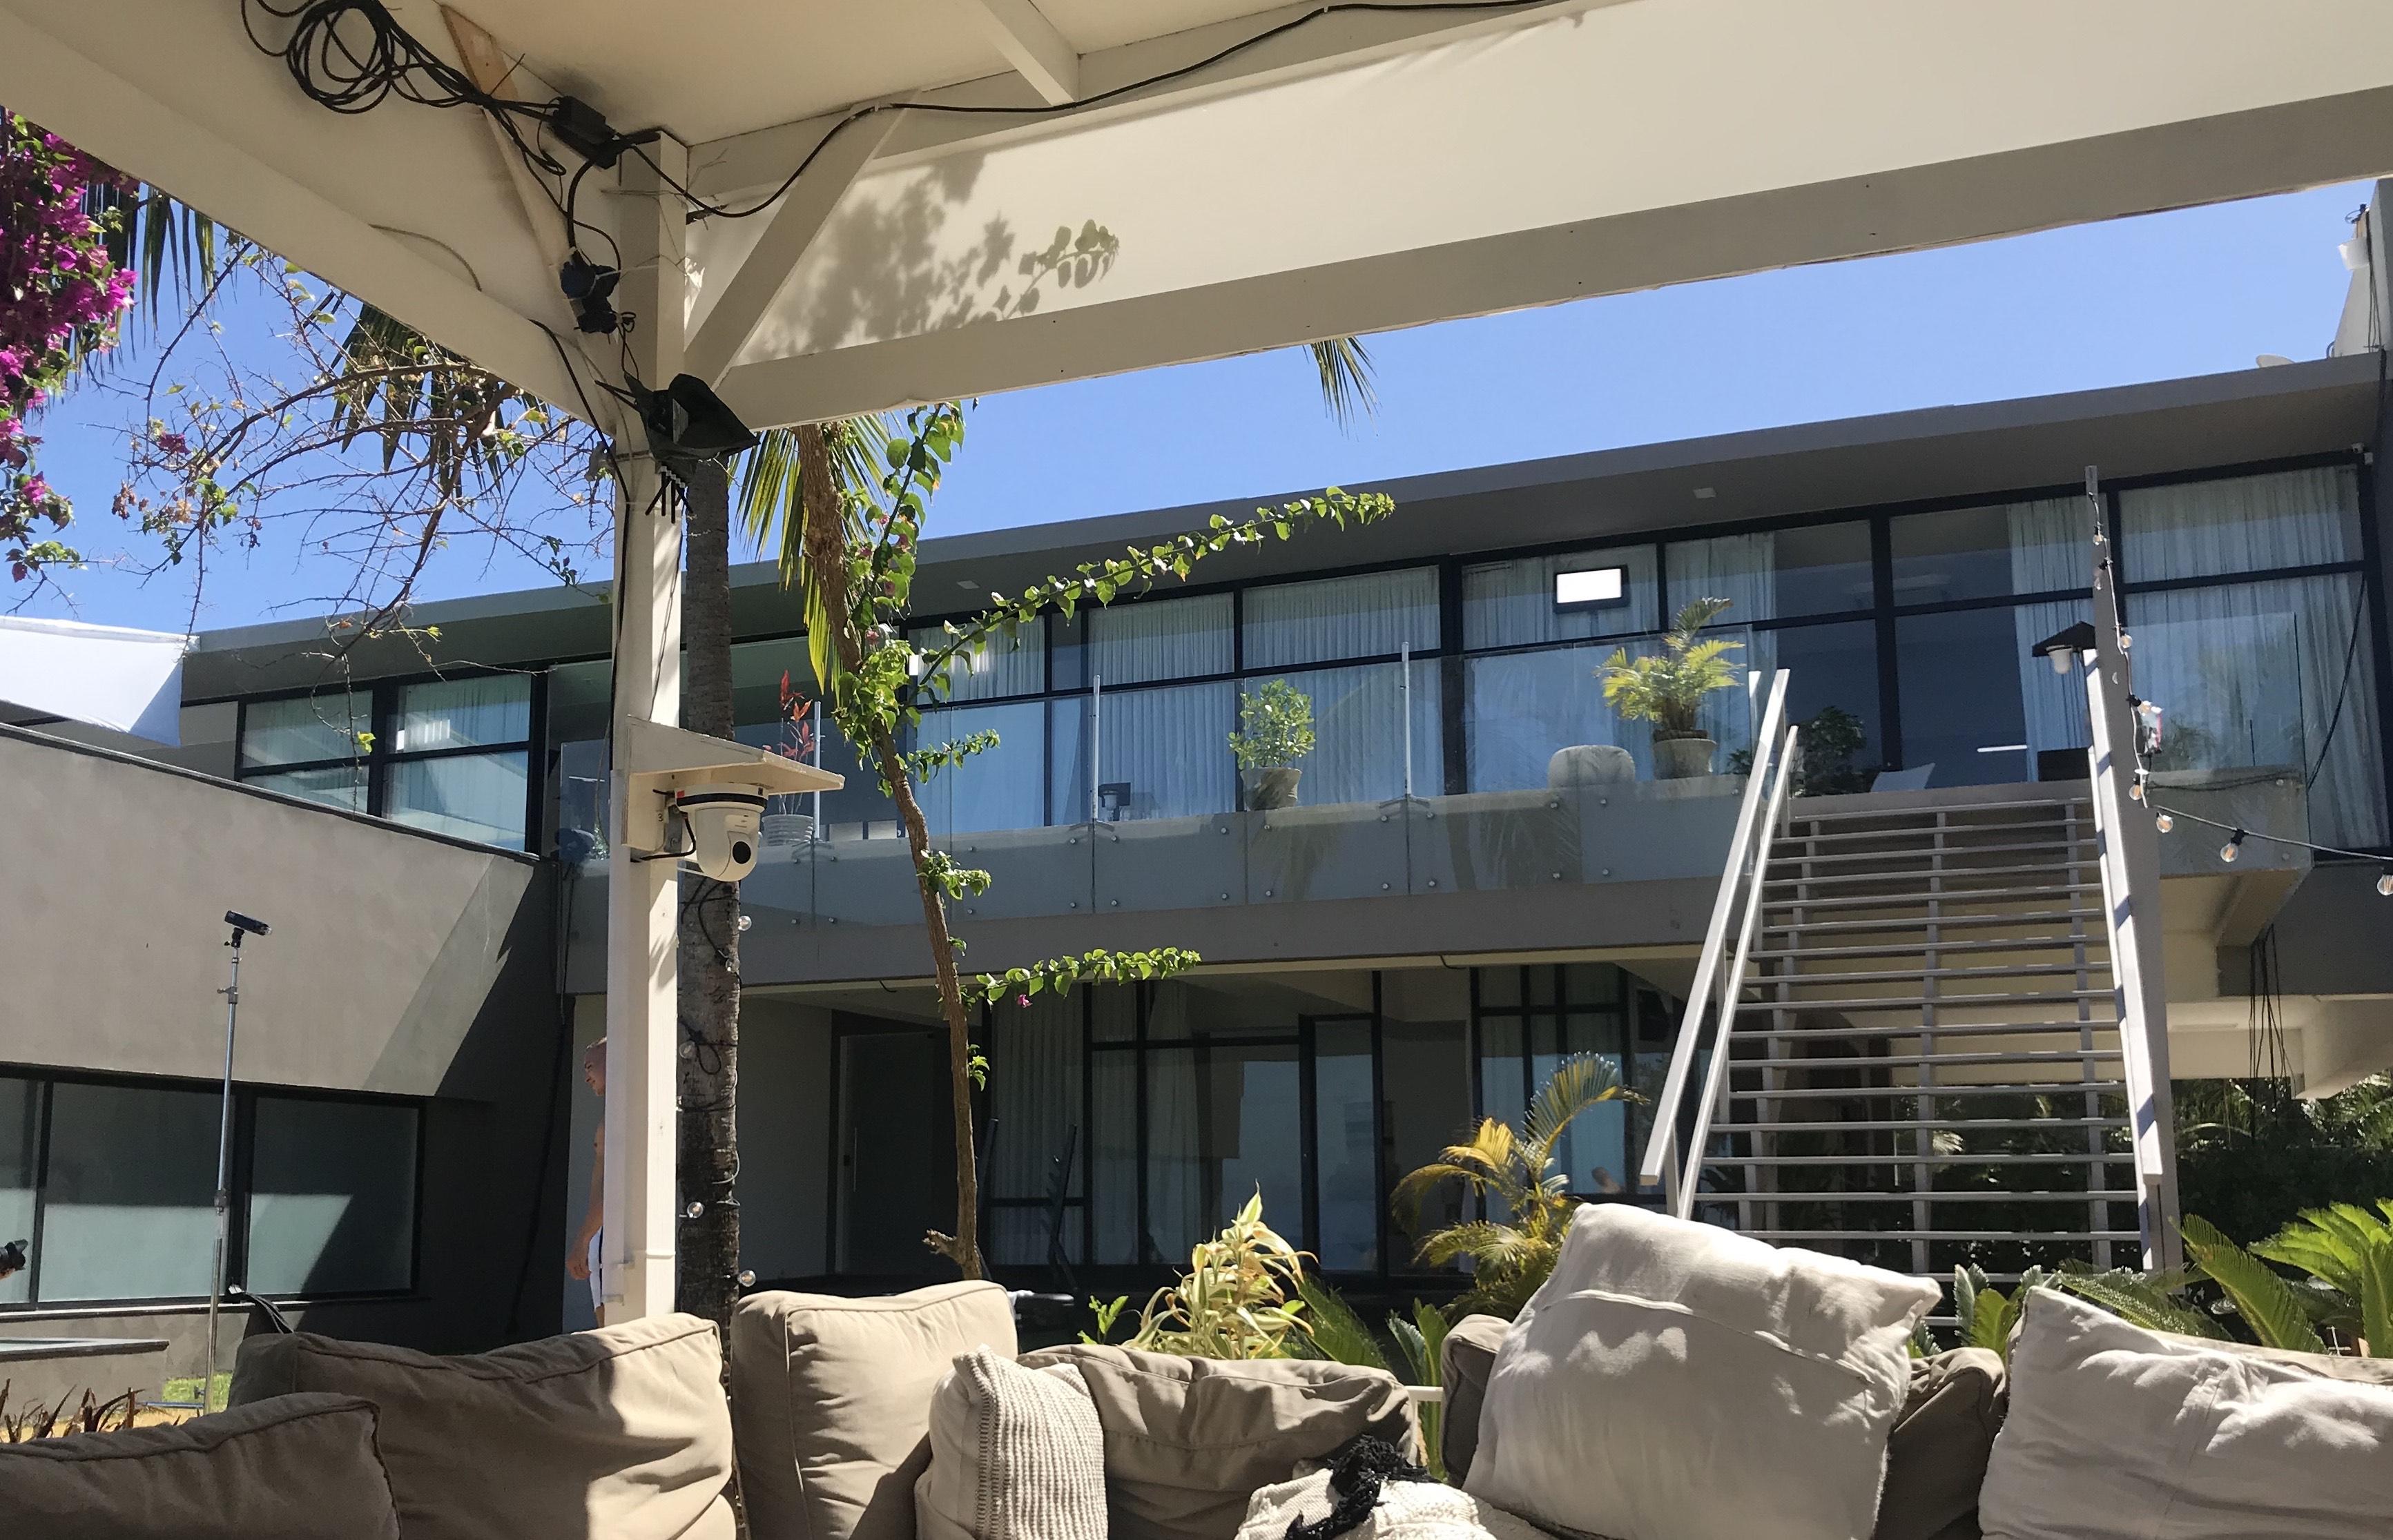 Her ses villaen fra loungeområdet, som er det primære opholdssted under festerne og hver gang at tabletten giver sine berygtede meddelelser. Det er også her at man finder skygge og læ fra solens varme stråler. Som det kan ses på billedet, så er det en enorm villa som deltagere kan boltre sig i gennem fjerde sæson af 'Ex on the Beach'